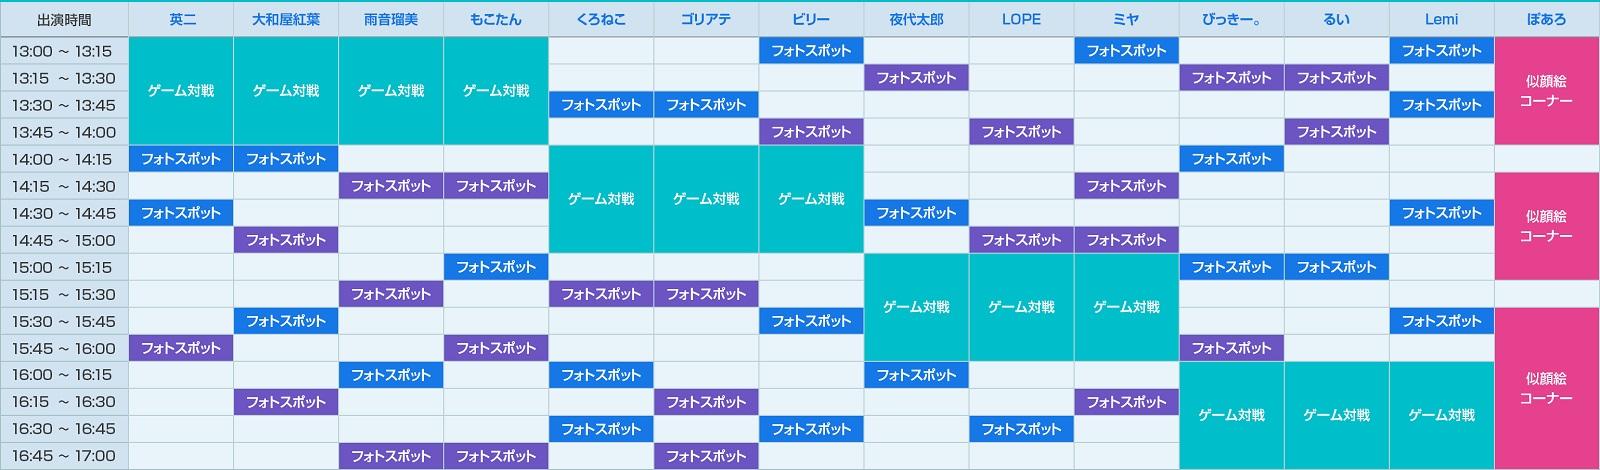 #コンパス【ニュース】: ライブアリーナにジャスティス役の間宮康弘が声の出演!